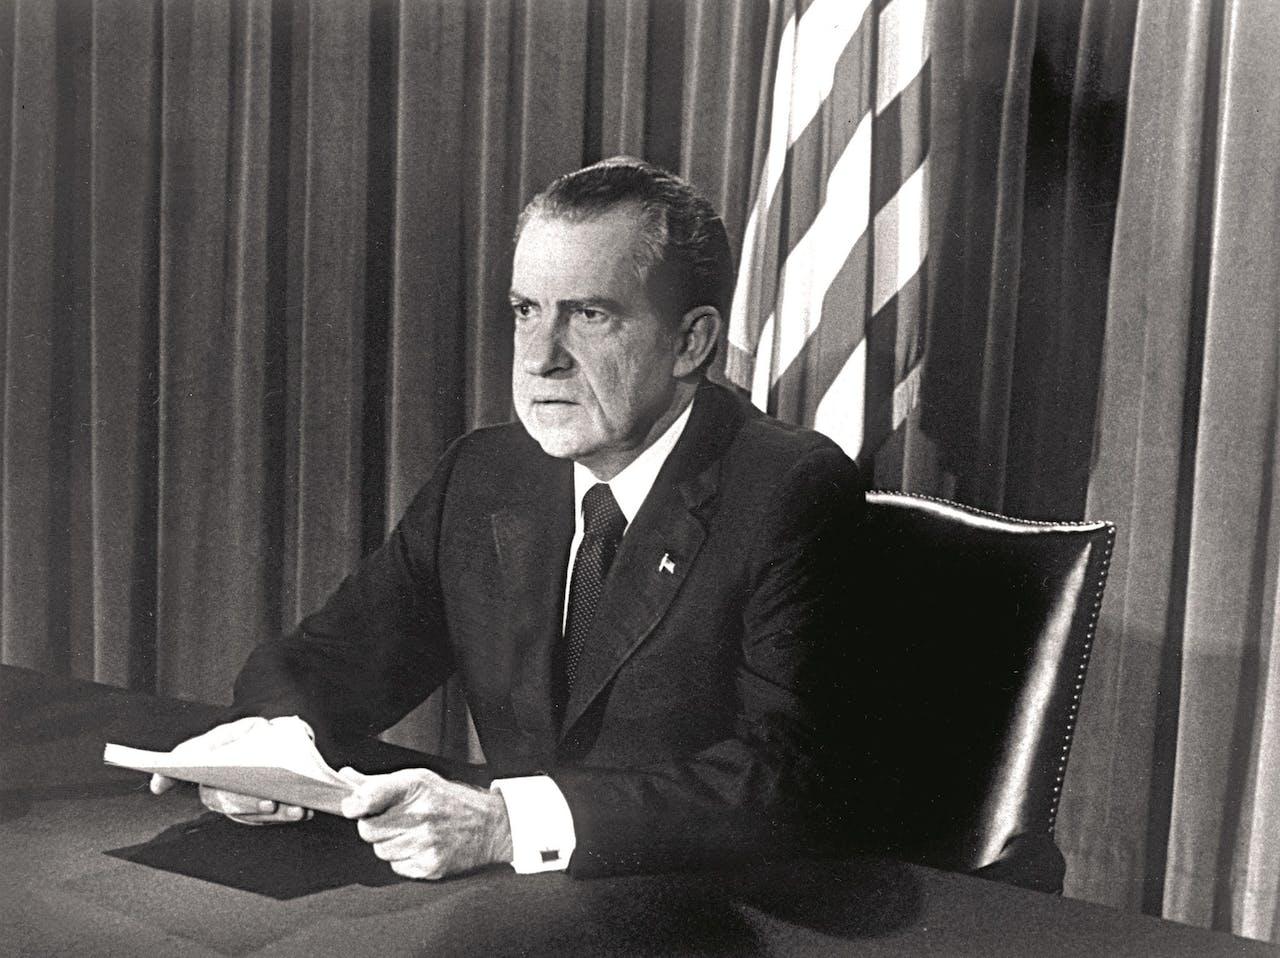 Nixon kondigt op 8 augustus 1974 zijn aftreden aan op tv